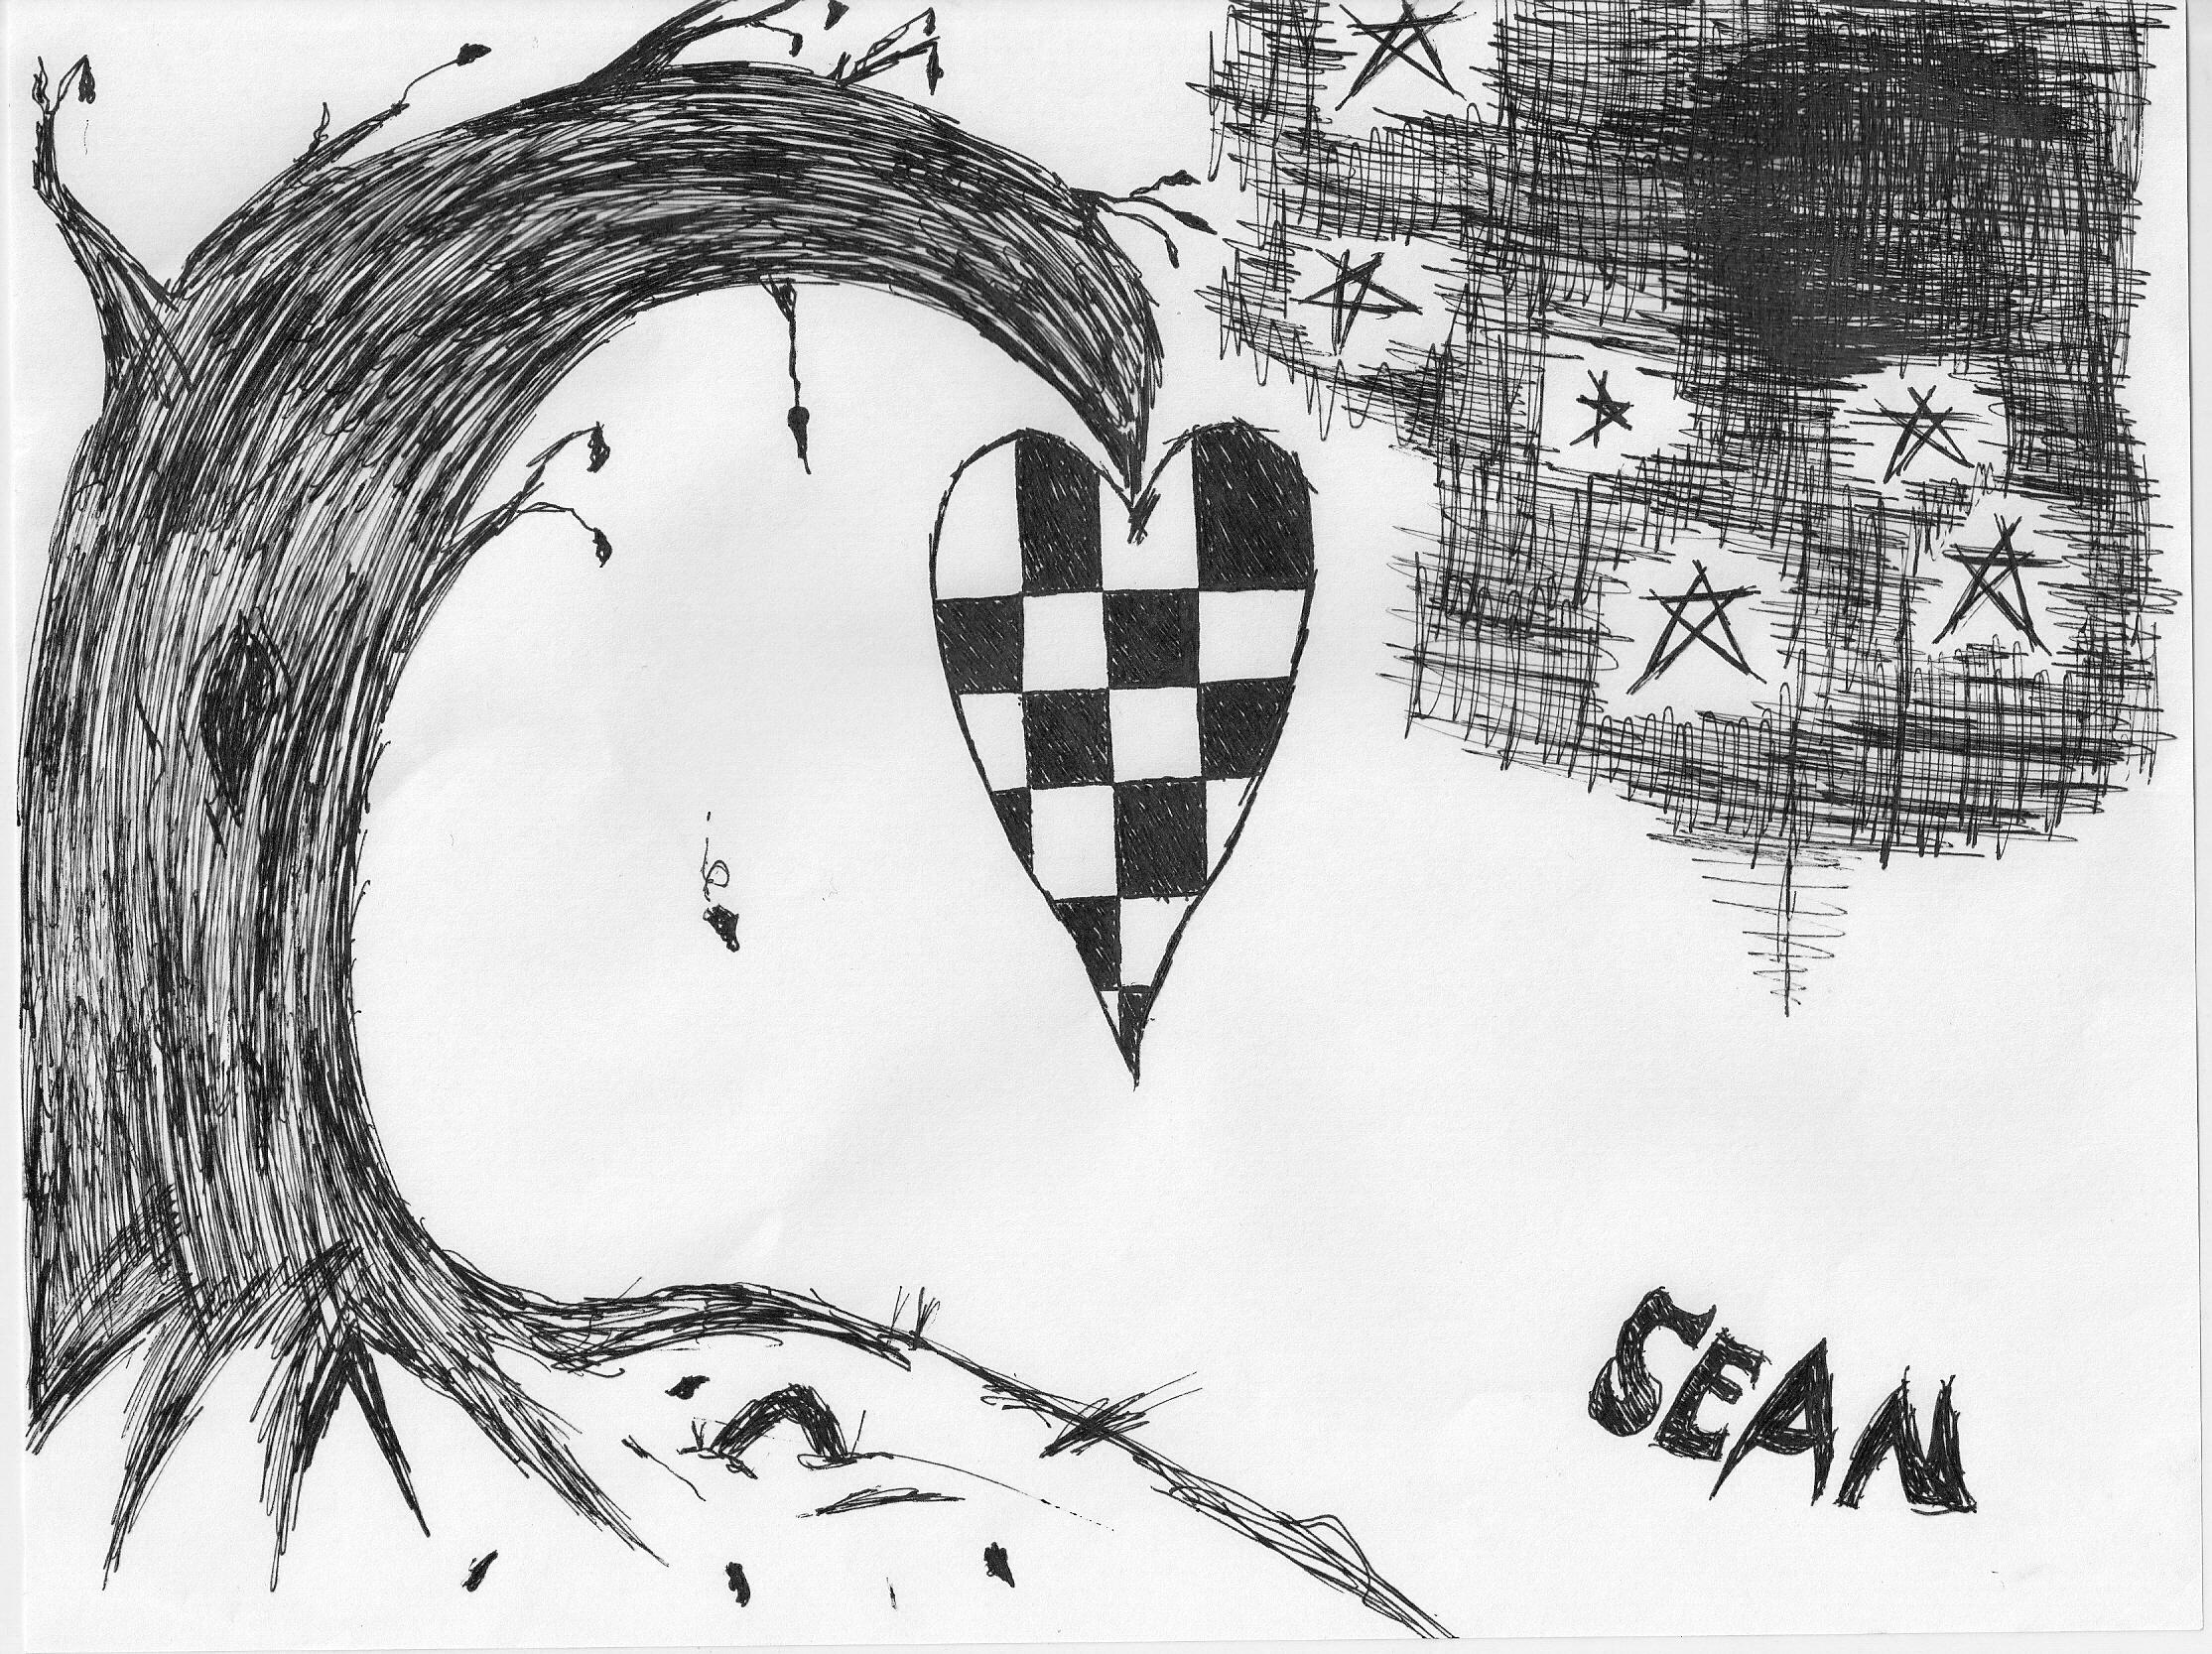 Checkered Heart Tree